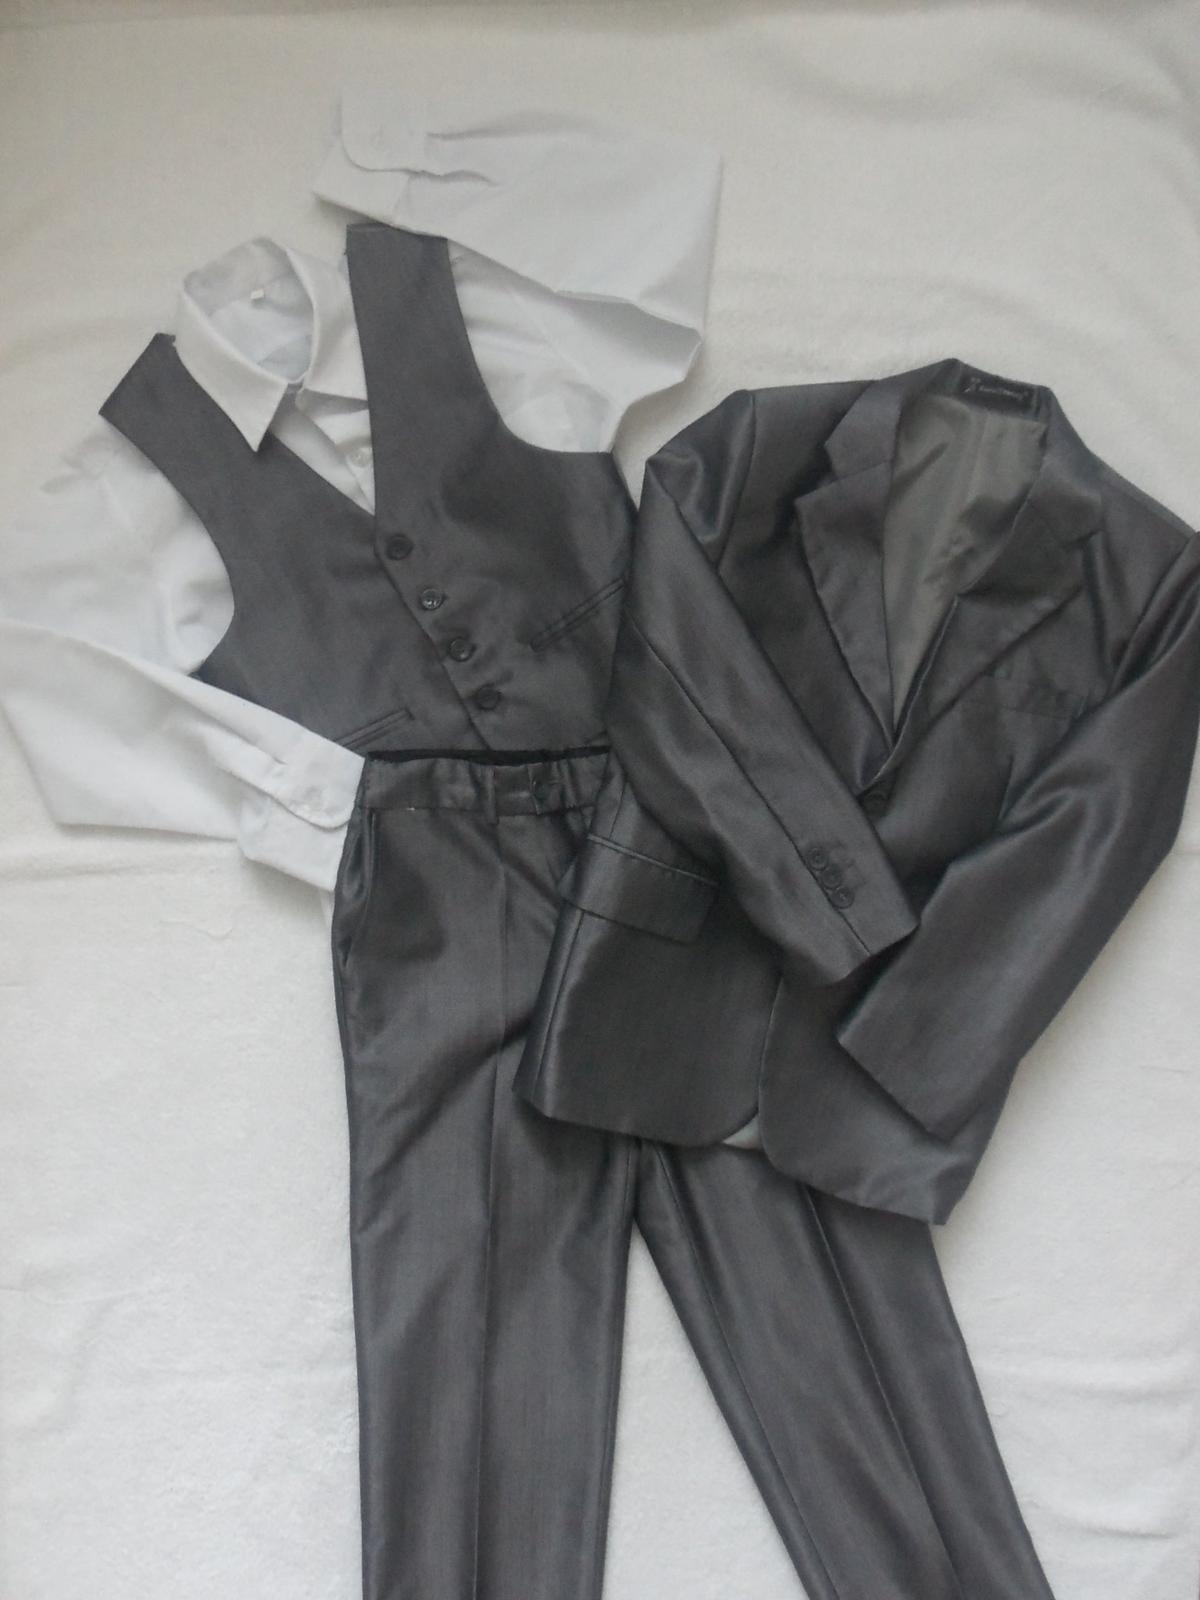 společenský oblek - kalhoty, sako, vesta a košile, vel. 134 - Obrázek č. 1